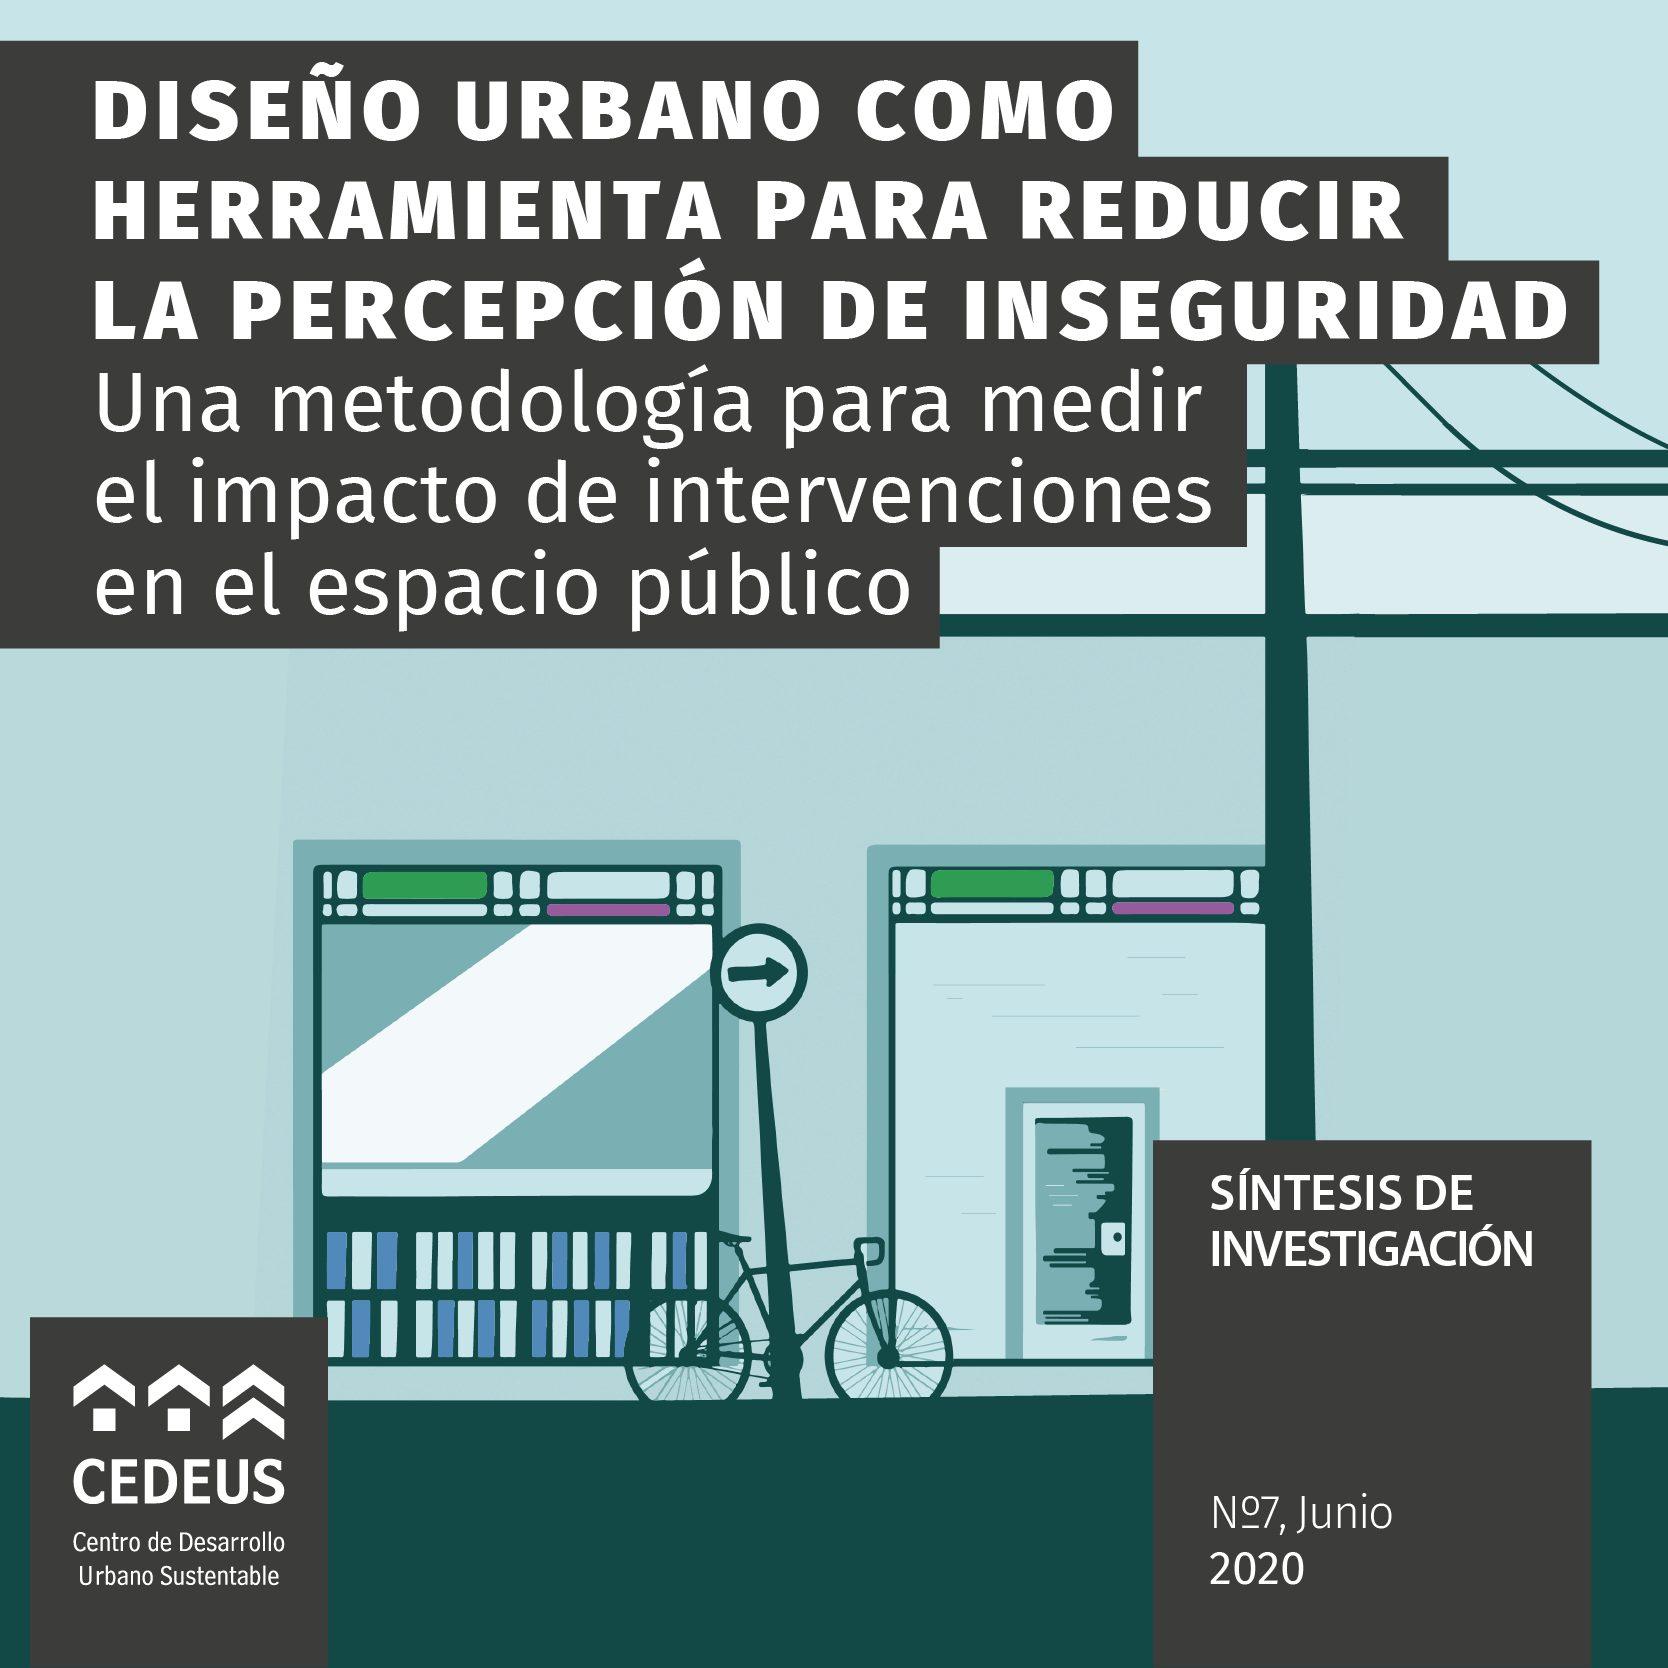 Diseño urbano como herramienta para reducir la percepción de inseguridad - CEDEUS